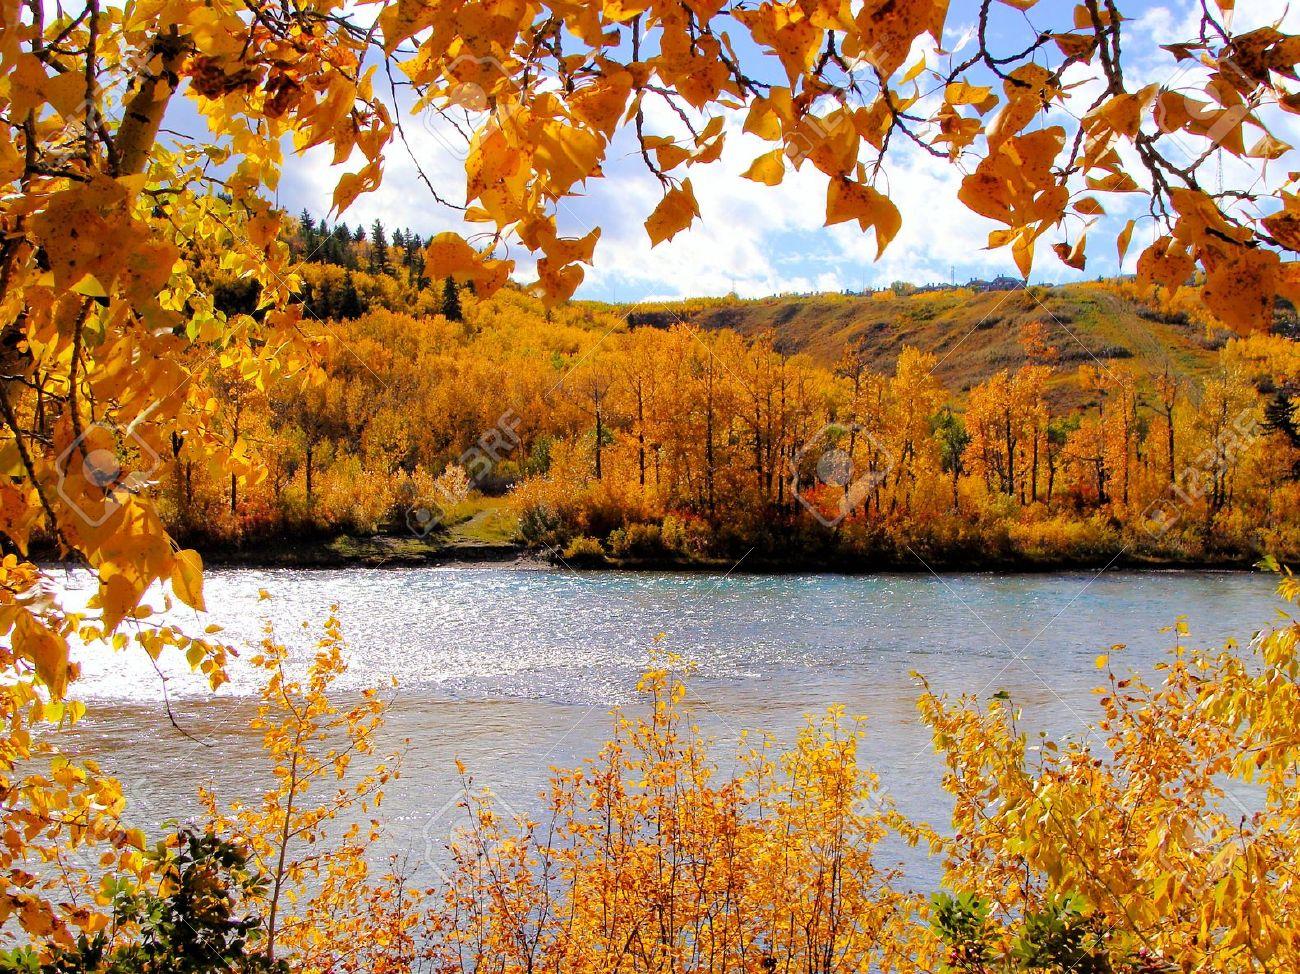 New England Fall Wallpaper 加拿大人公认的旅游胜地竟然是??? Ottawazine News